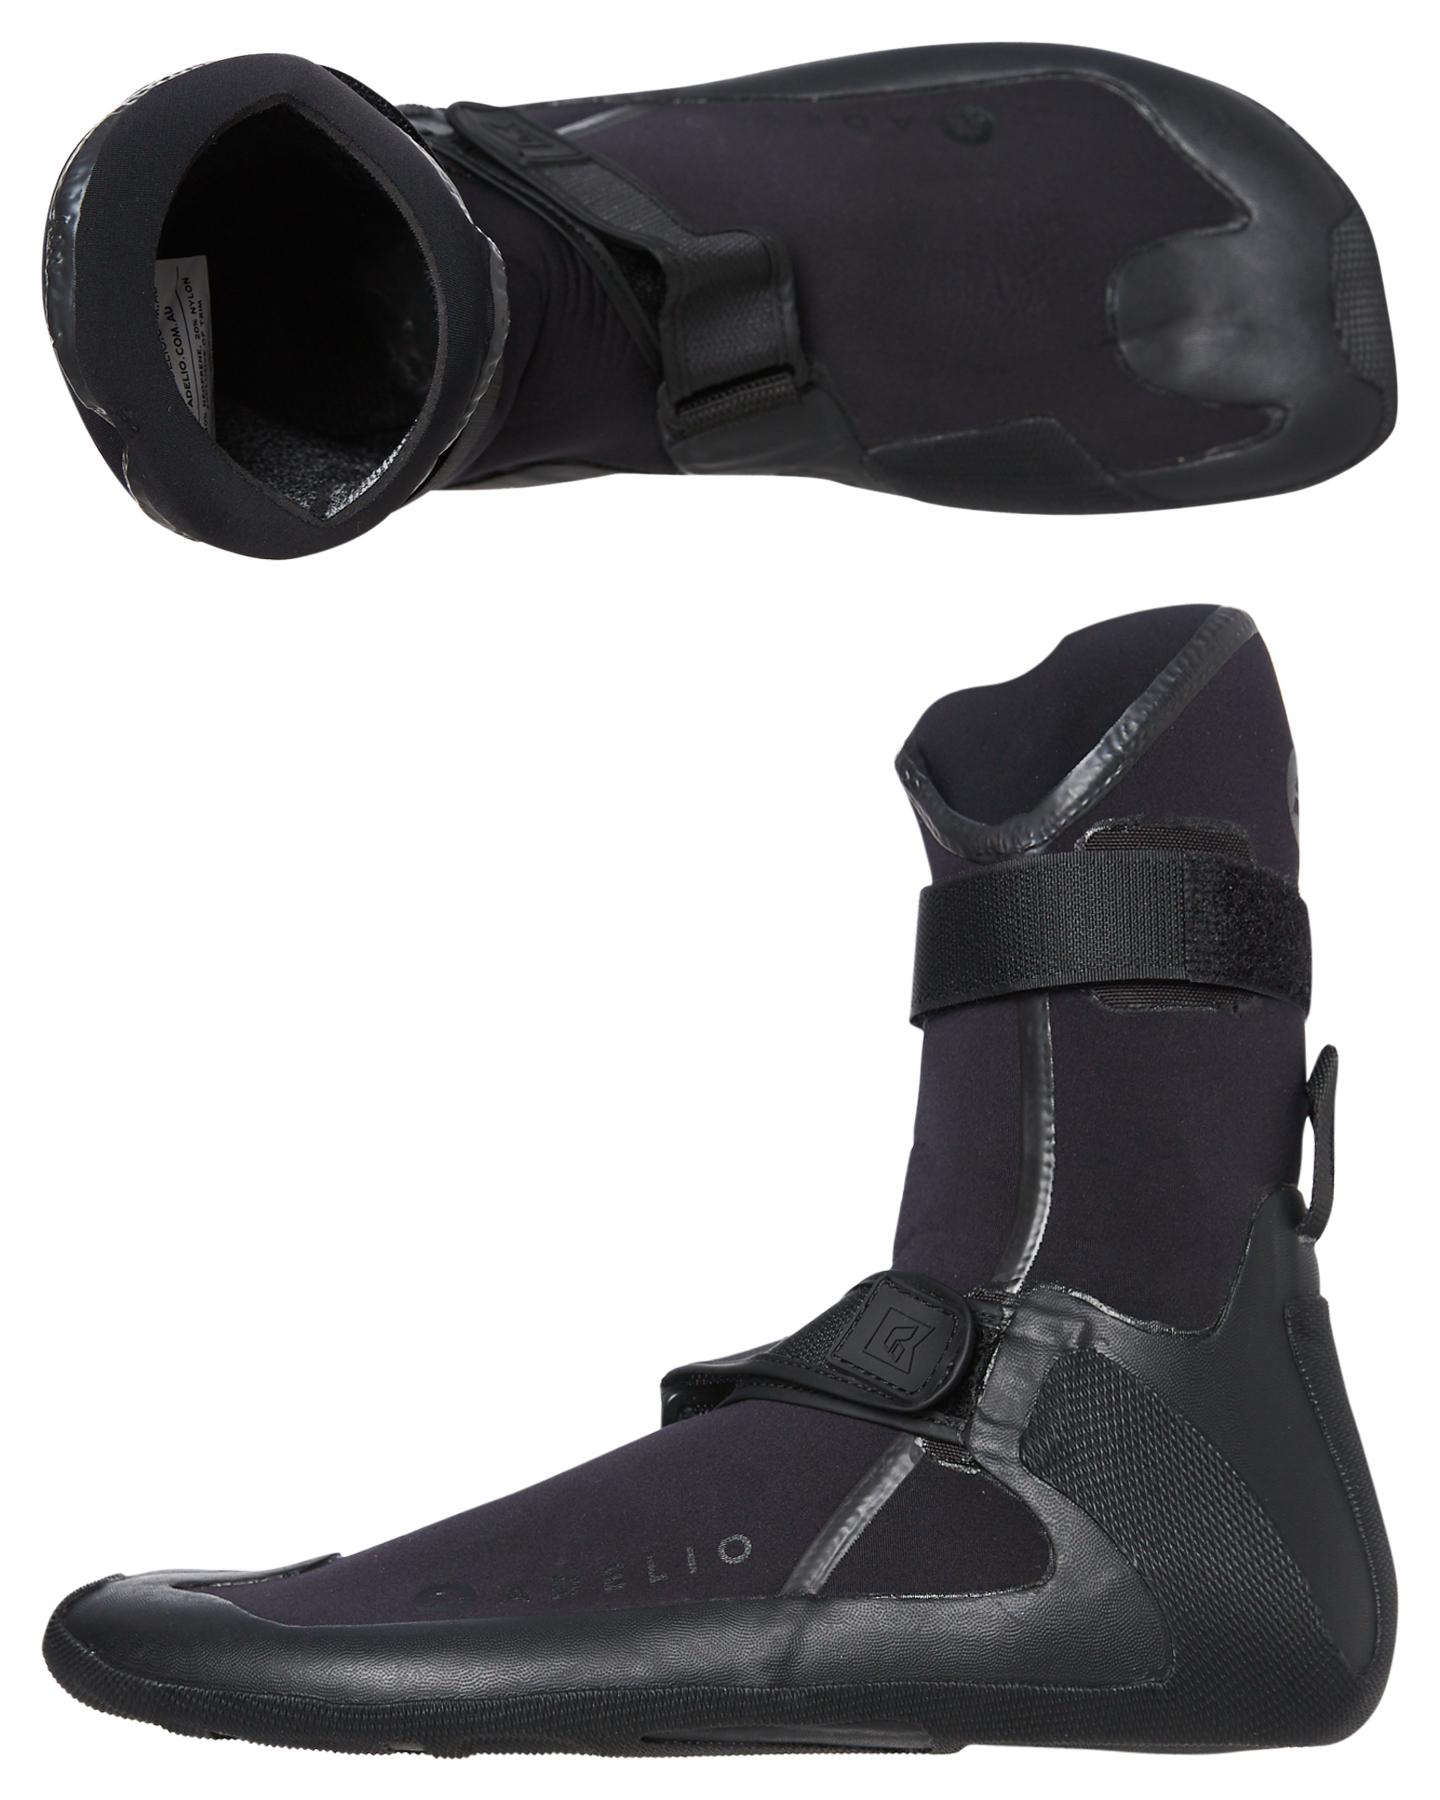 Adelio Deluxe 3Mm Wetsuit Booties Black